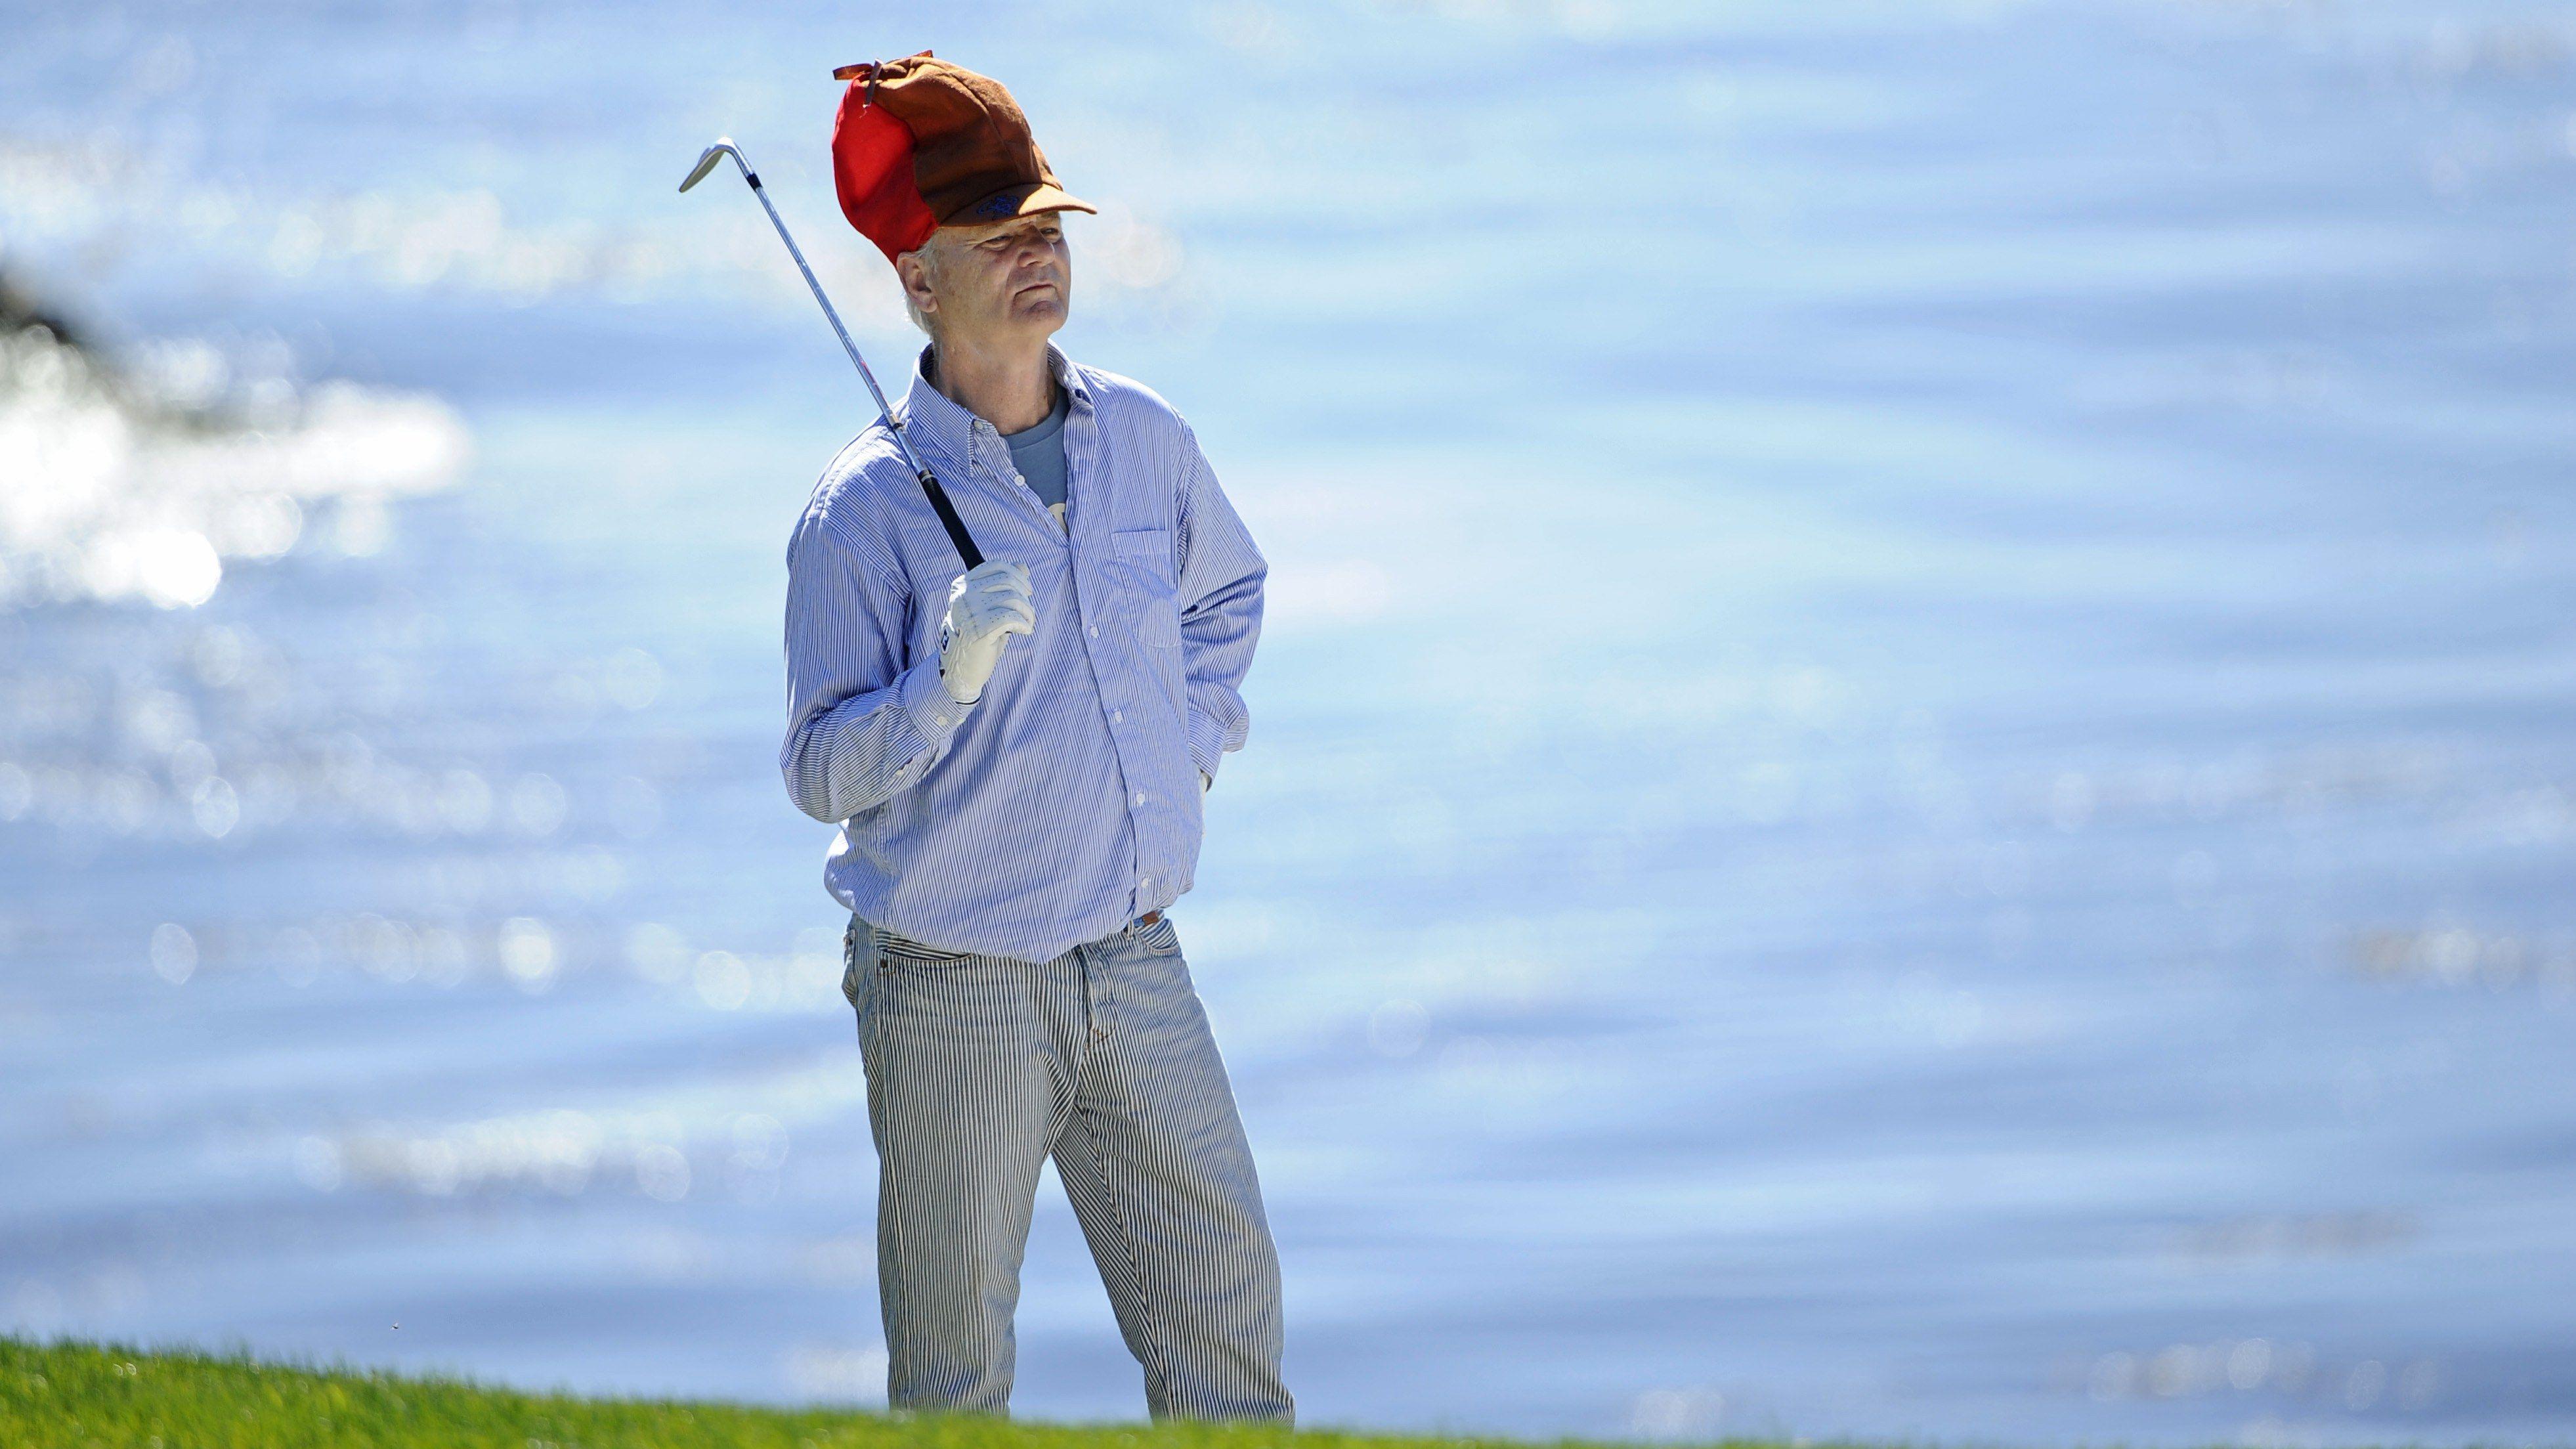 15+ Bill murray golf tournament 2019 info